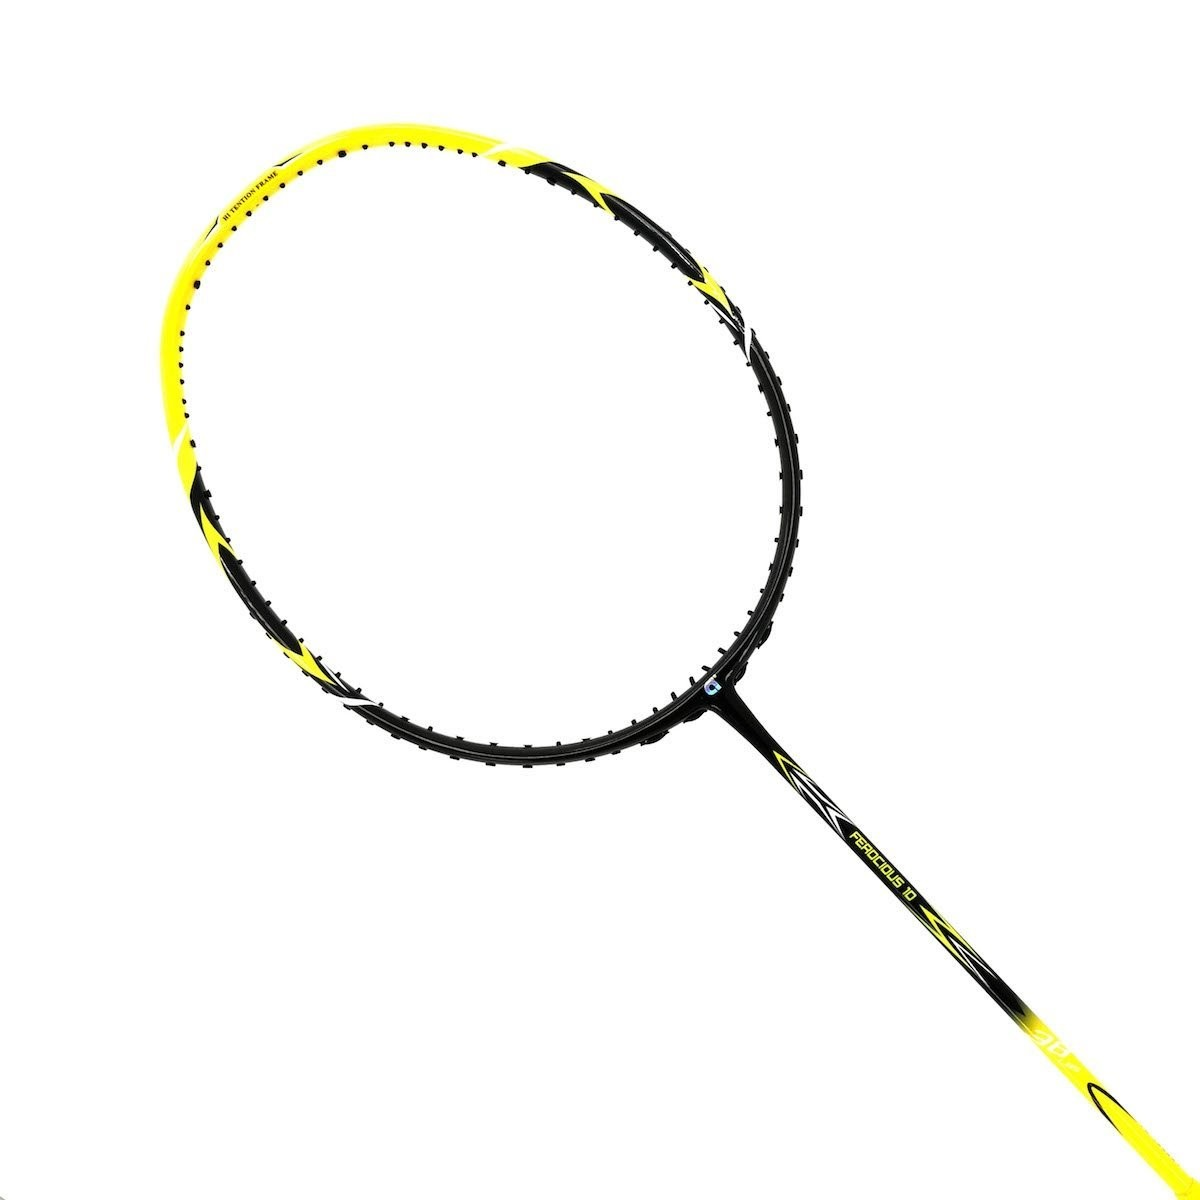 Apacs Ferocious 10 Badminton Racquet